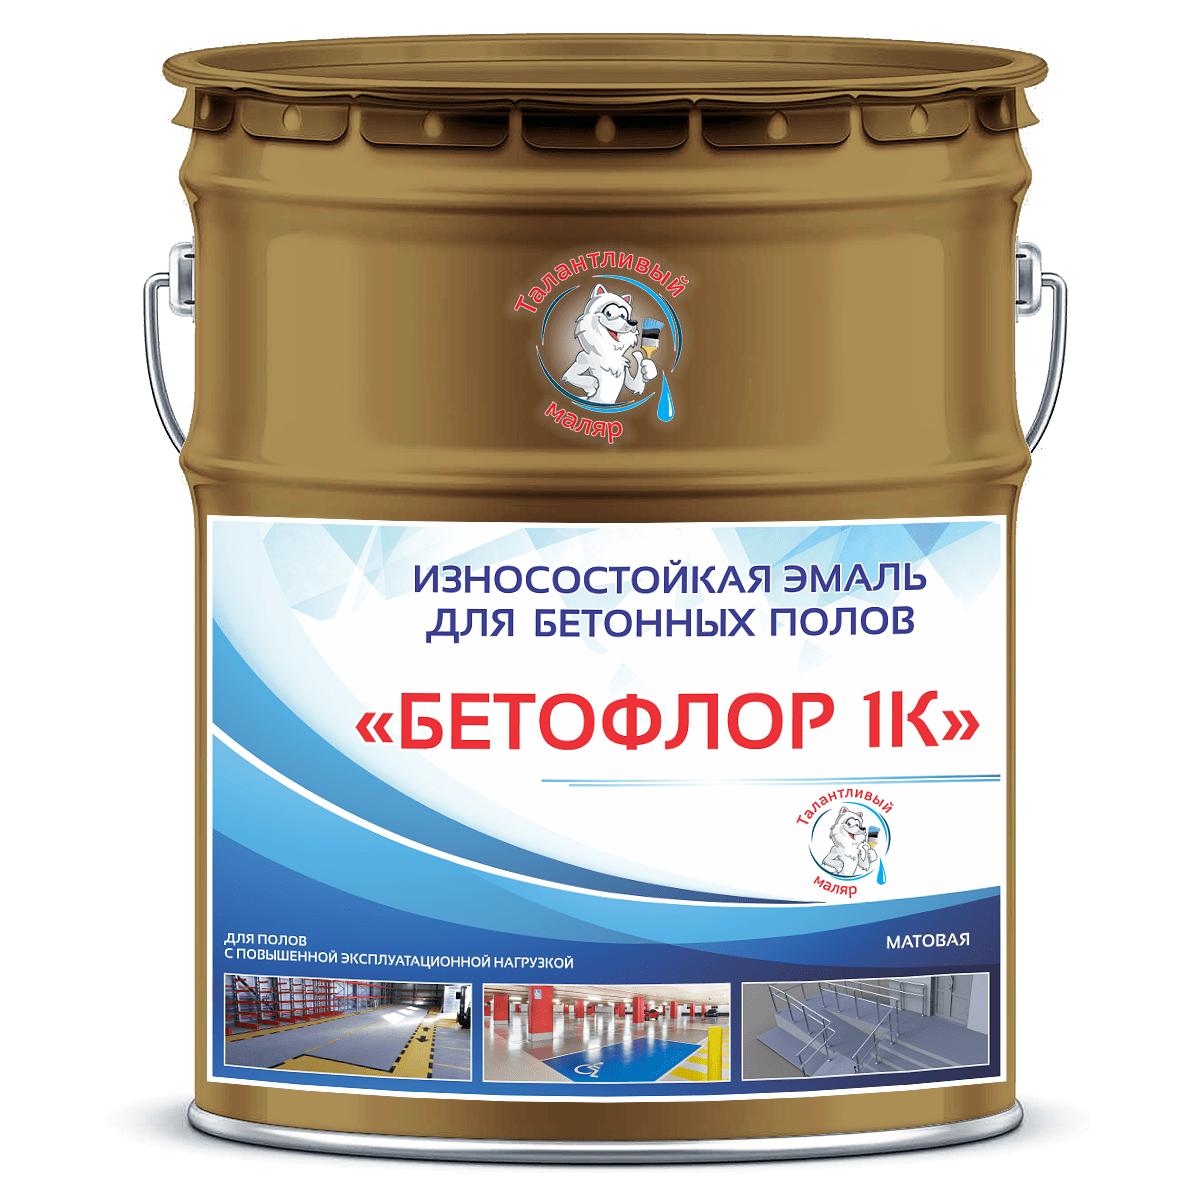 """Фото 7 - BF8008 Эмаль для бетонных полов """"Бетофлор"""" 1К цвет RAL 8008 Оливково-коричневый, матовая износостойкая, 25 кг """"Талантливый Маляр""""."""